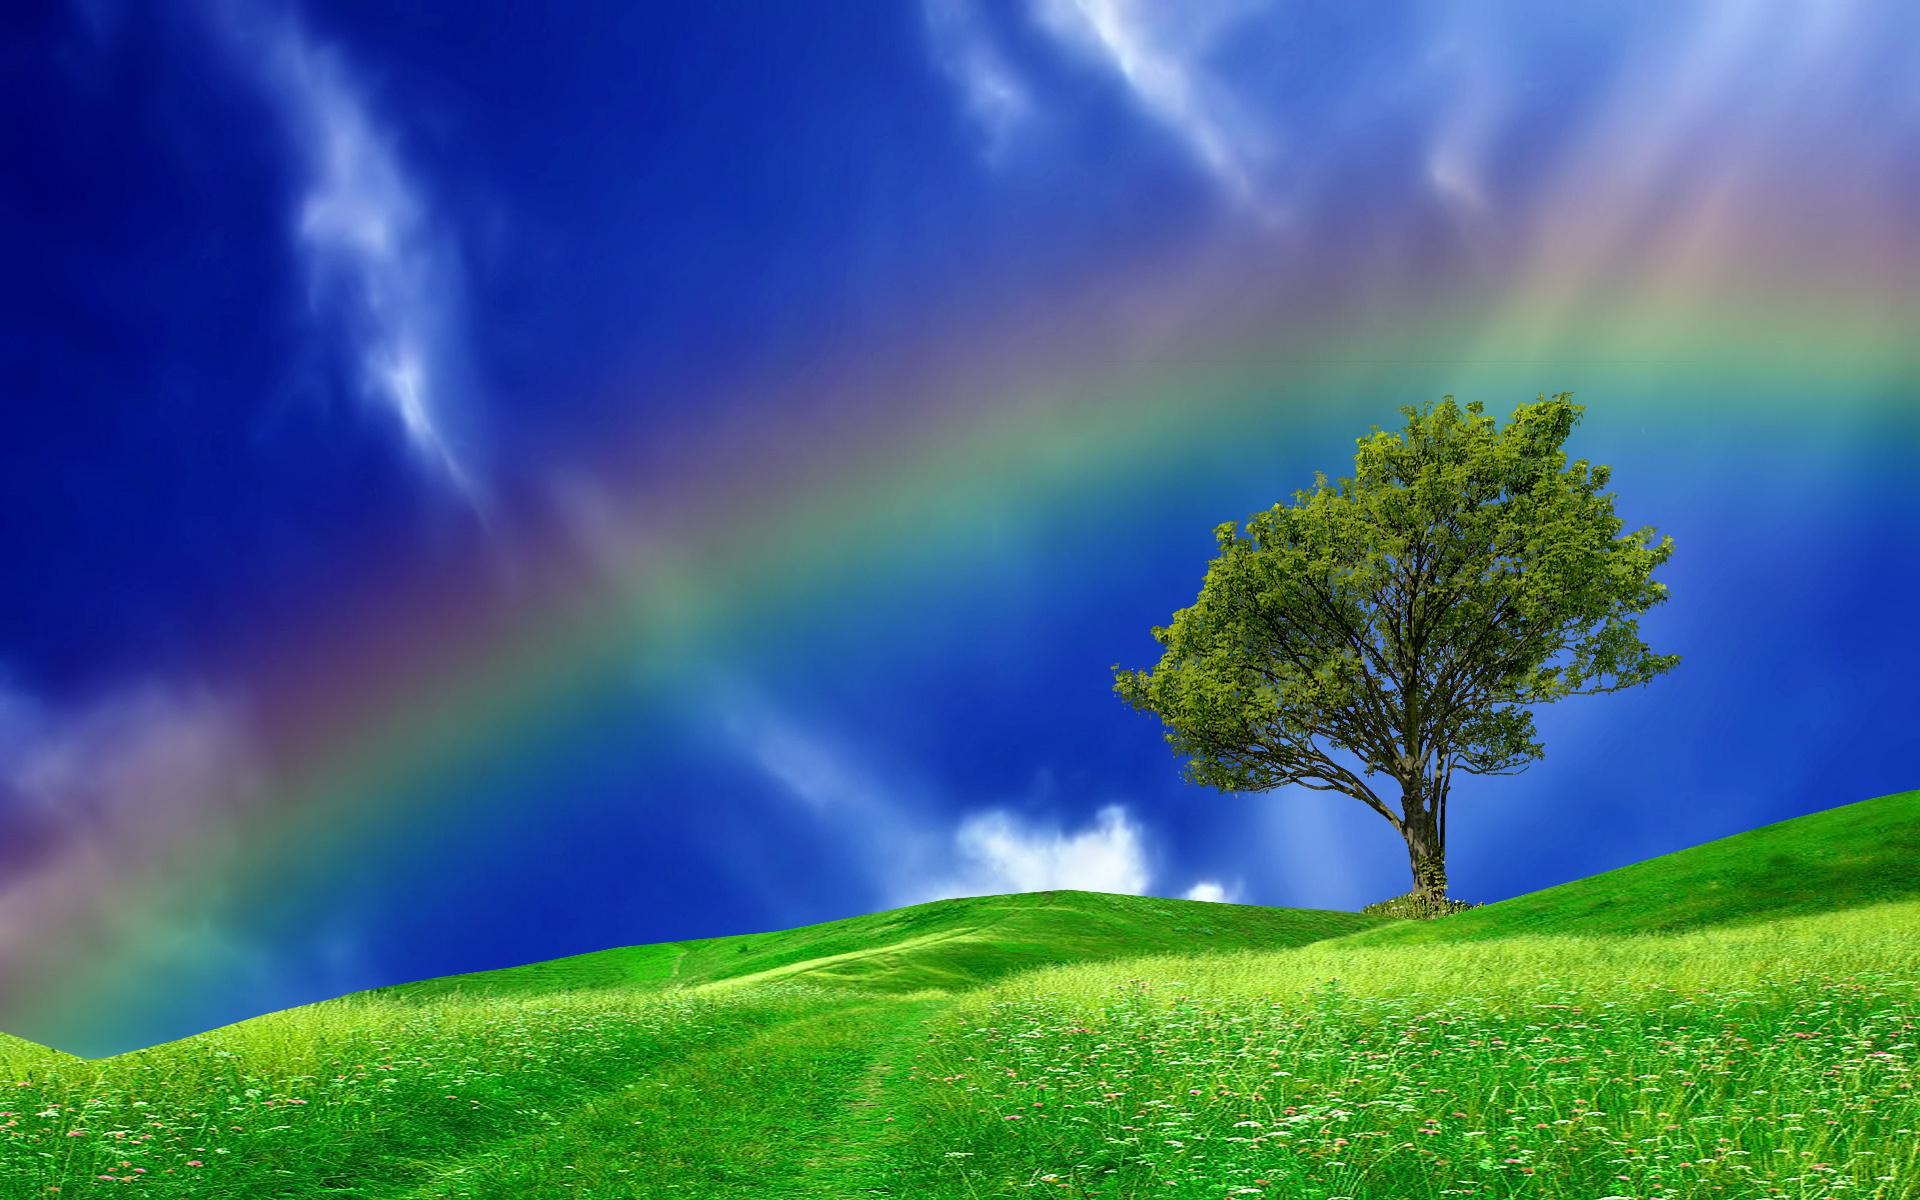 Hills Tree Rainbow Landscape Wallpaper 1920x1200